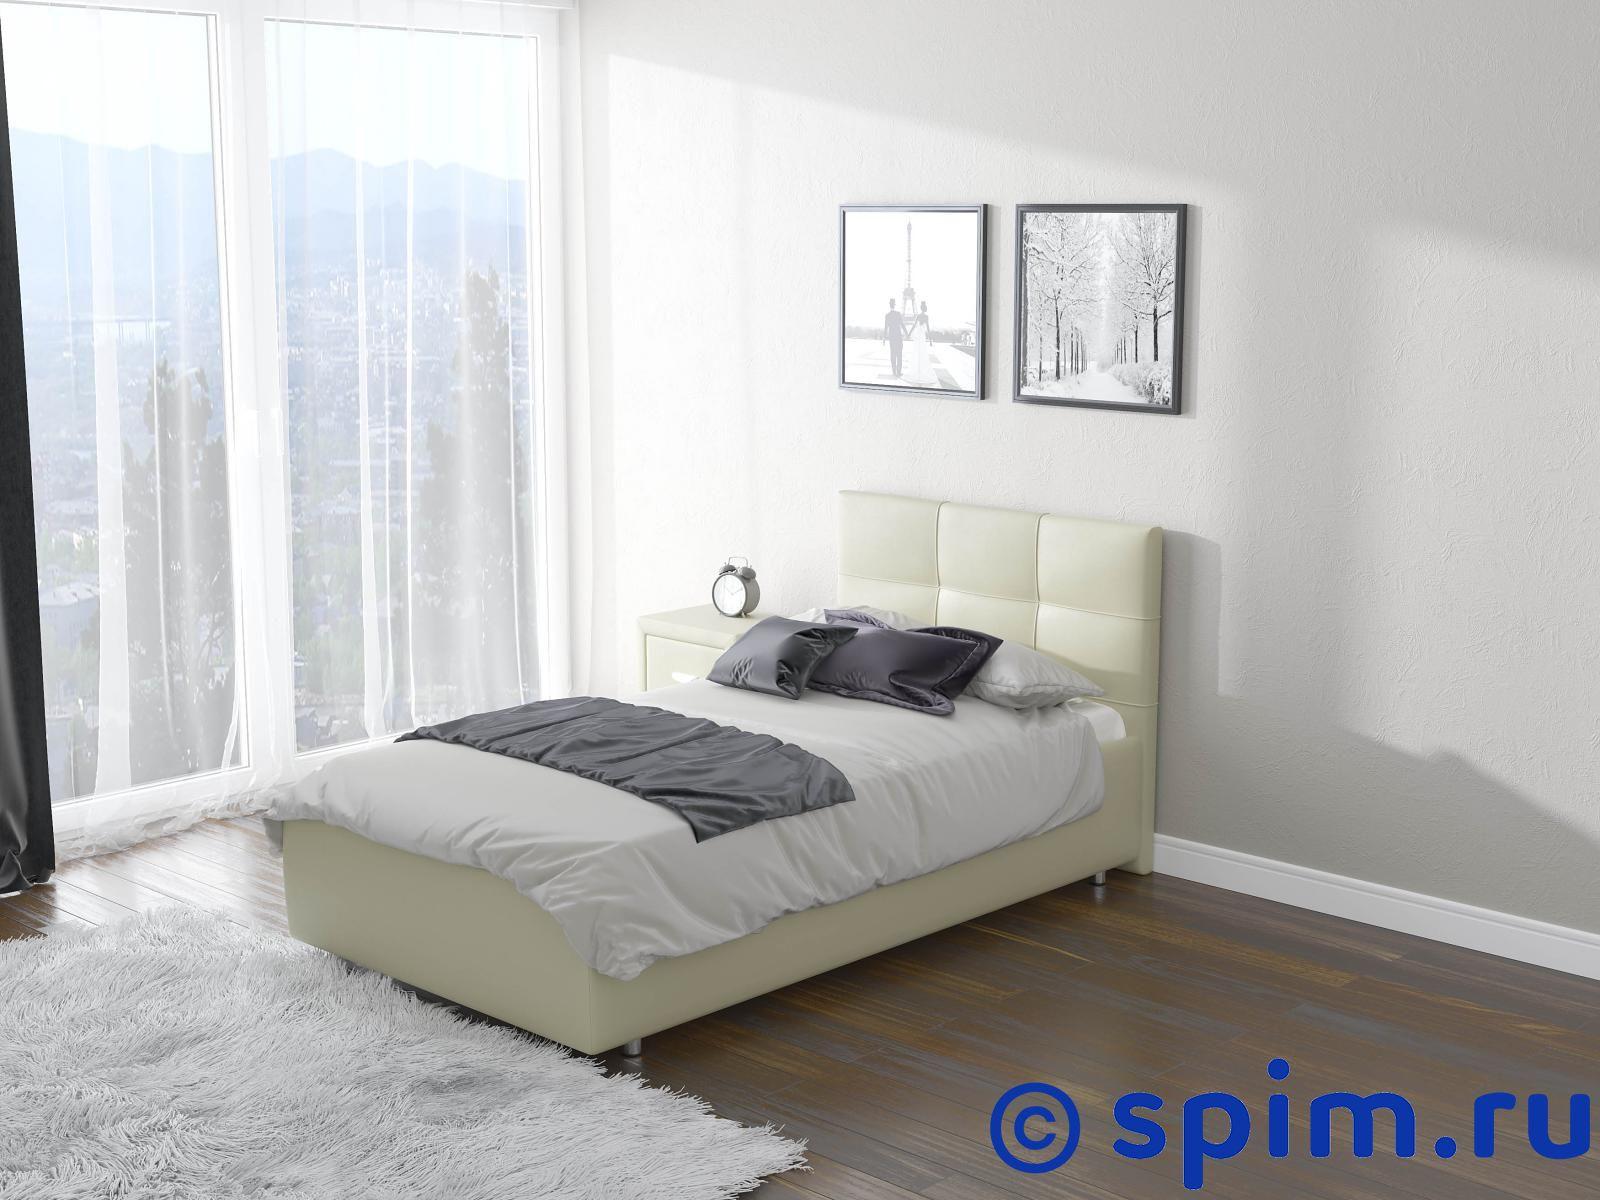 Кровать Life 1 80х190 см от spim.ru